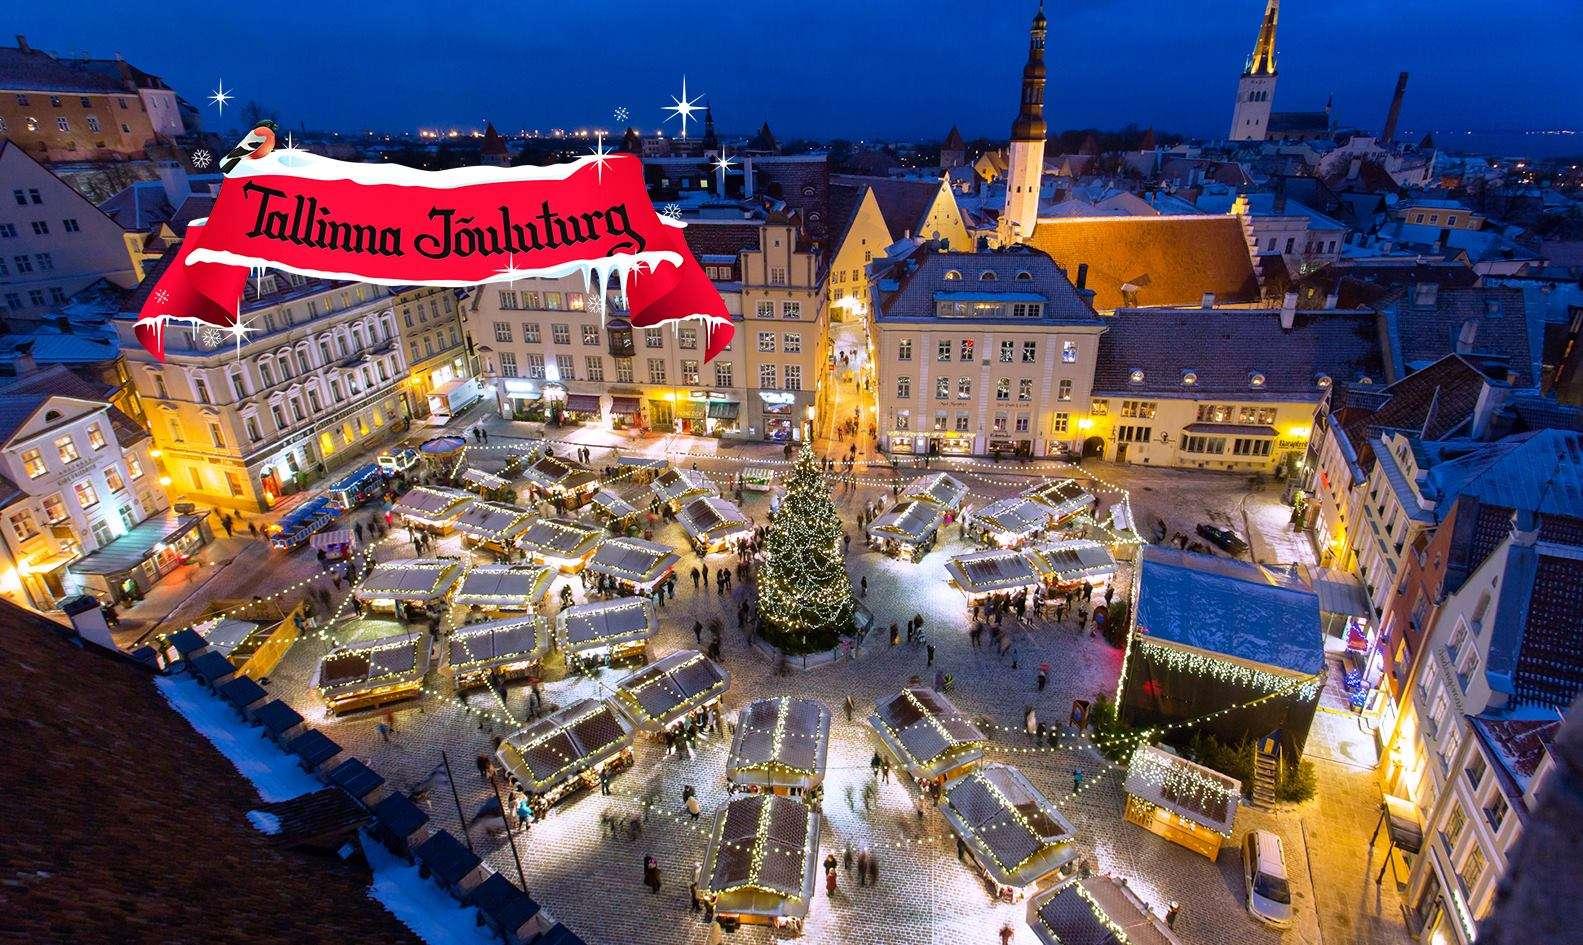 Marché de Noel Tallinn - Top 10 marchés de Noel autour du monde - Nomad Junkies